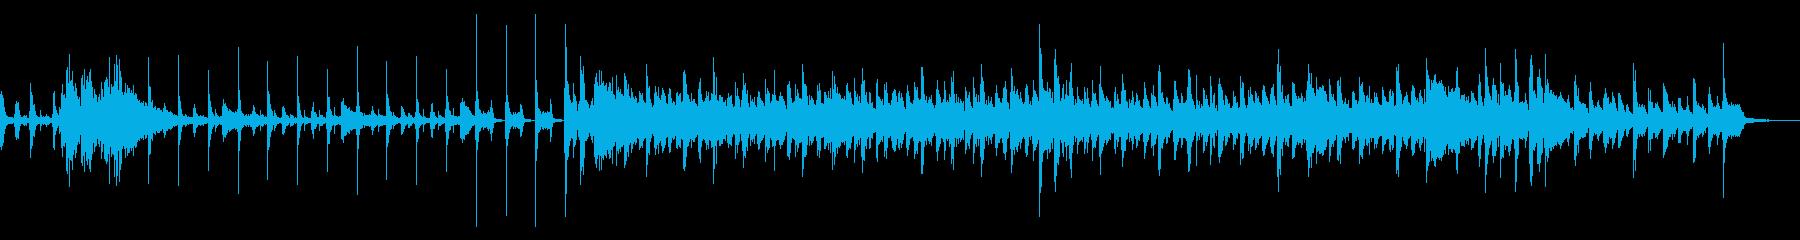 キャボスタディ、ブラッシュの再生済みの波形